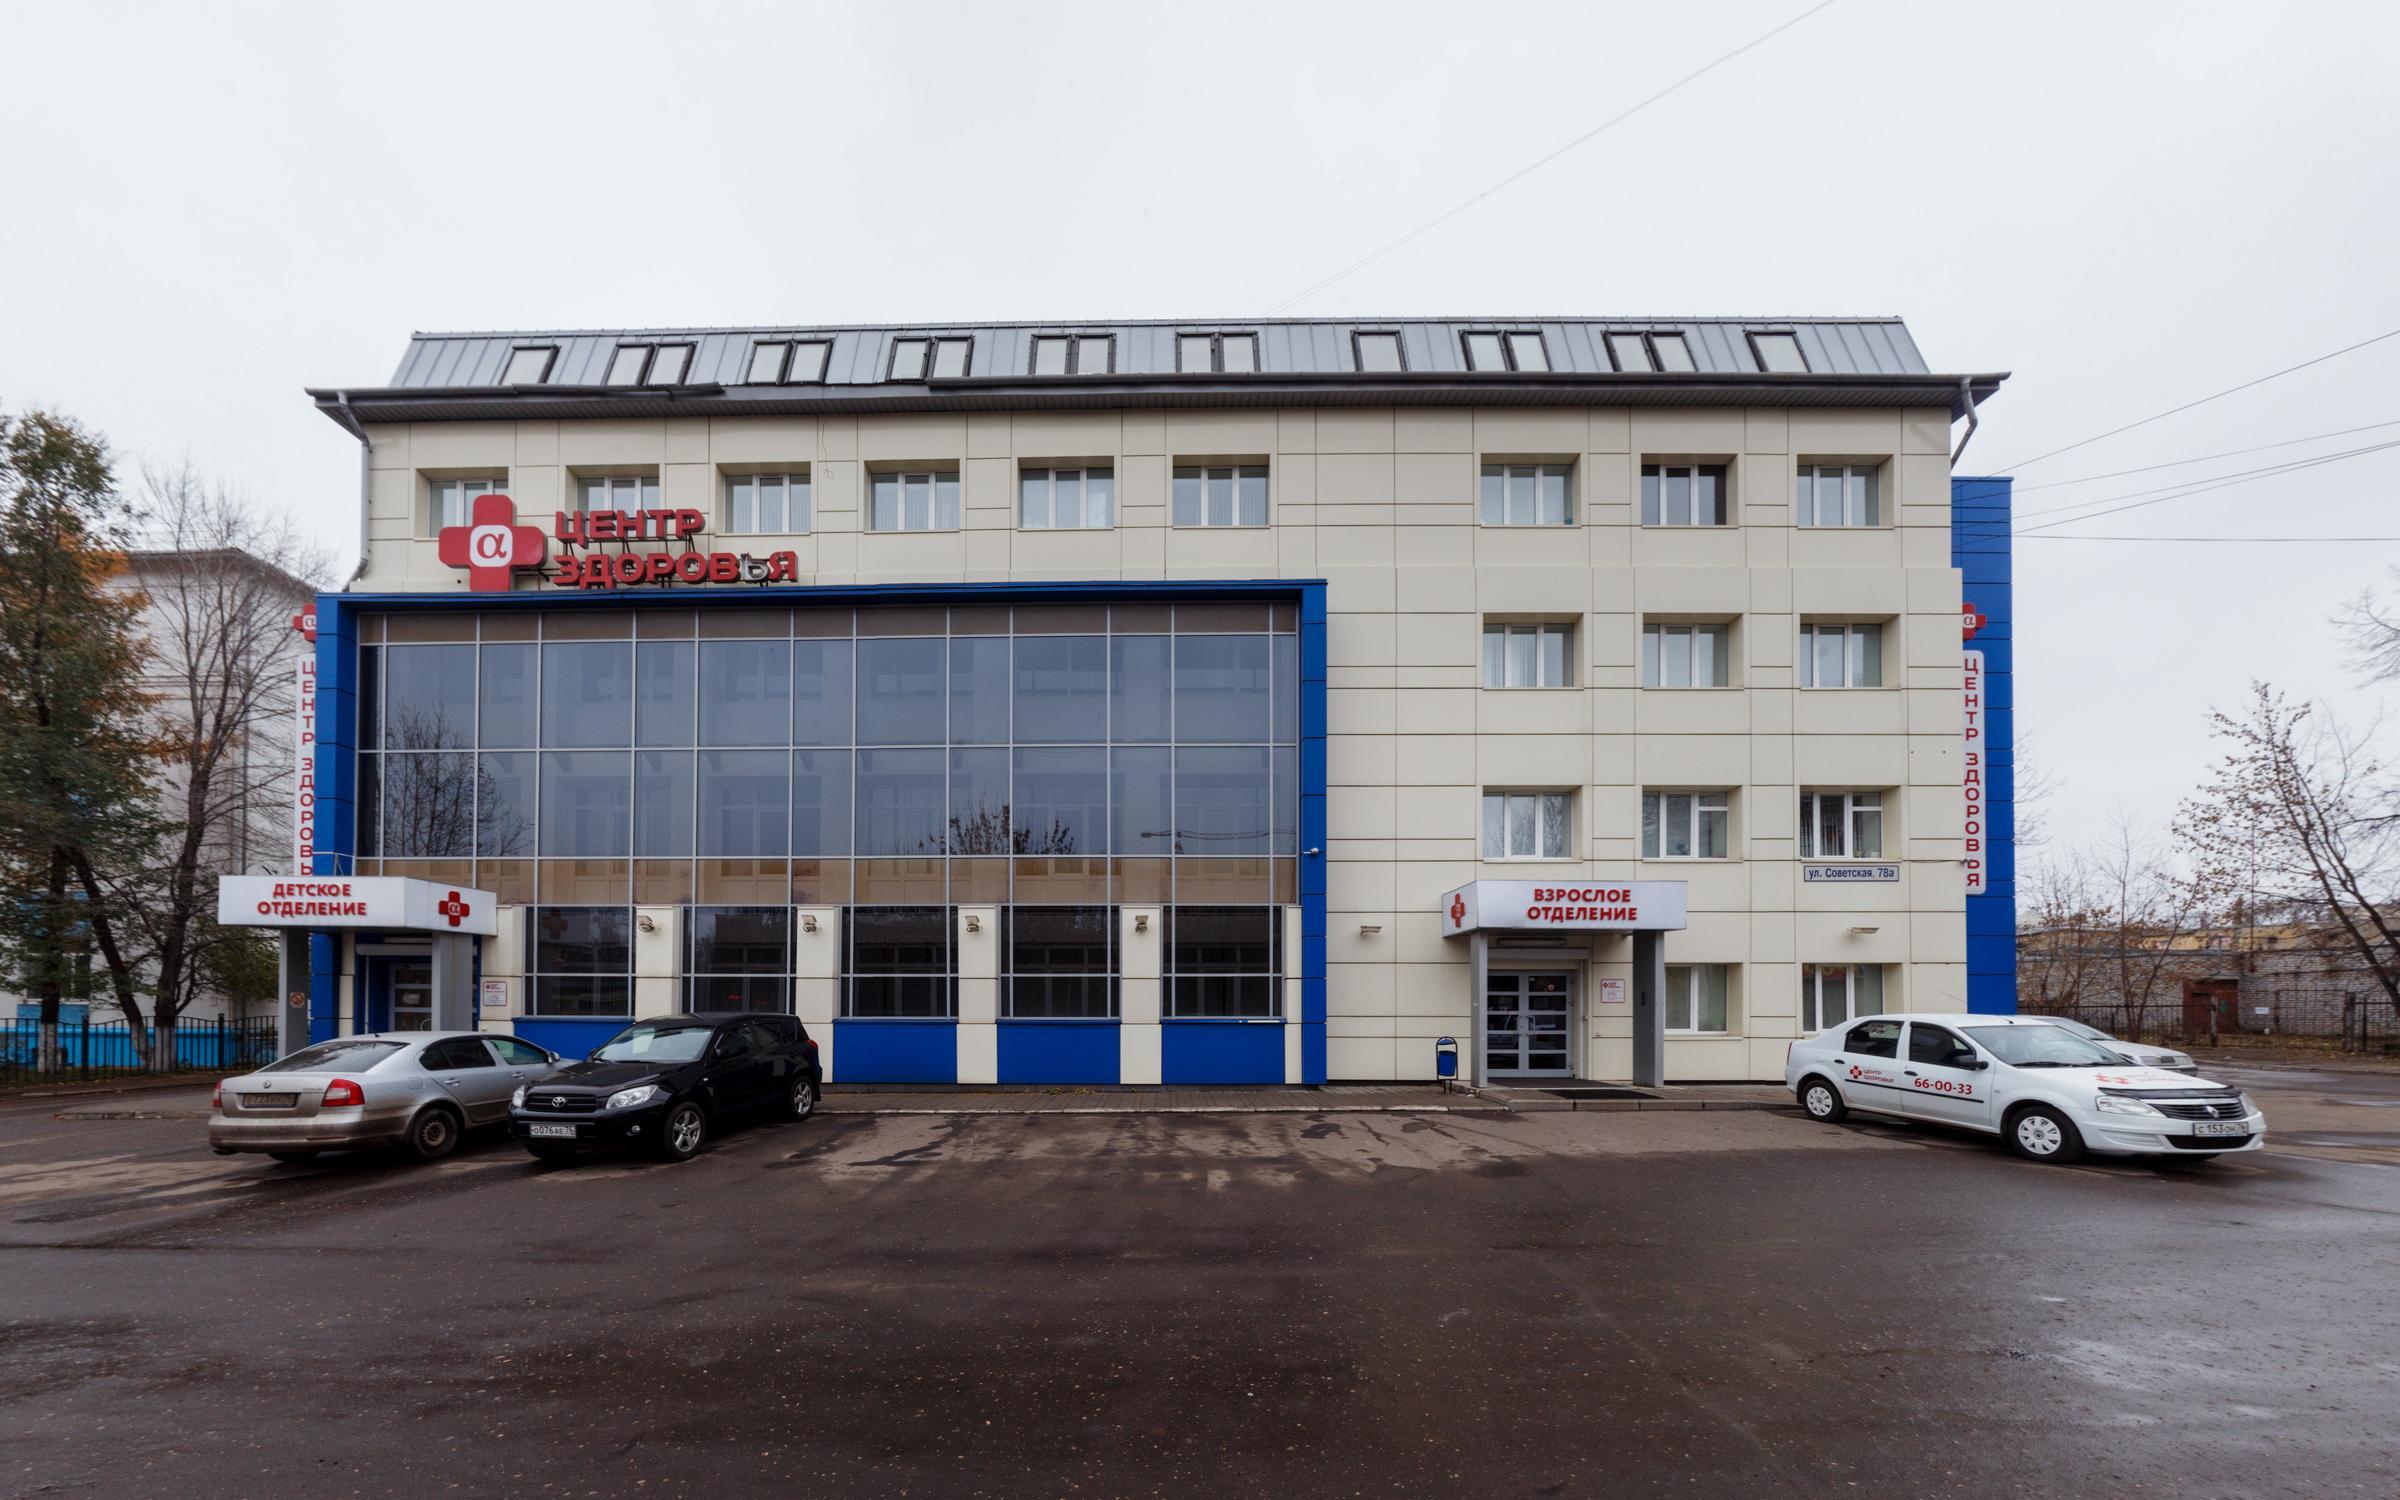 фотография Медицинского центра Альфа-Центр Здоровья на Советской улице